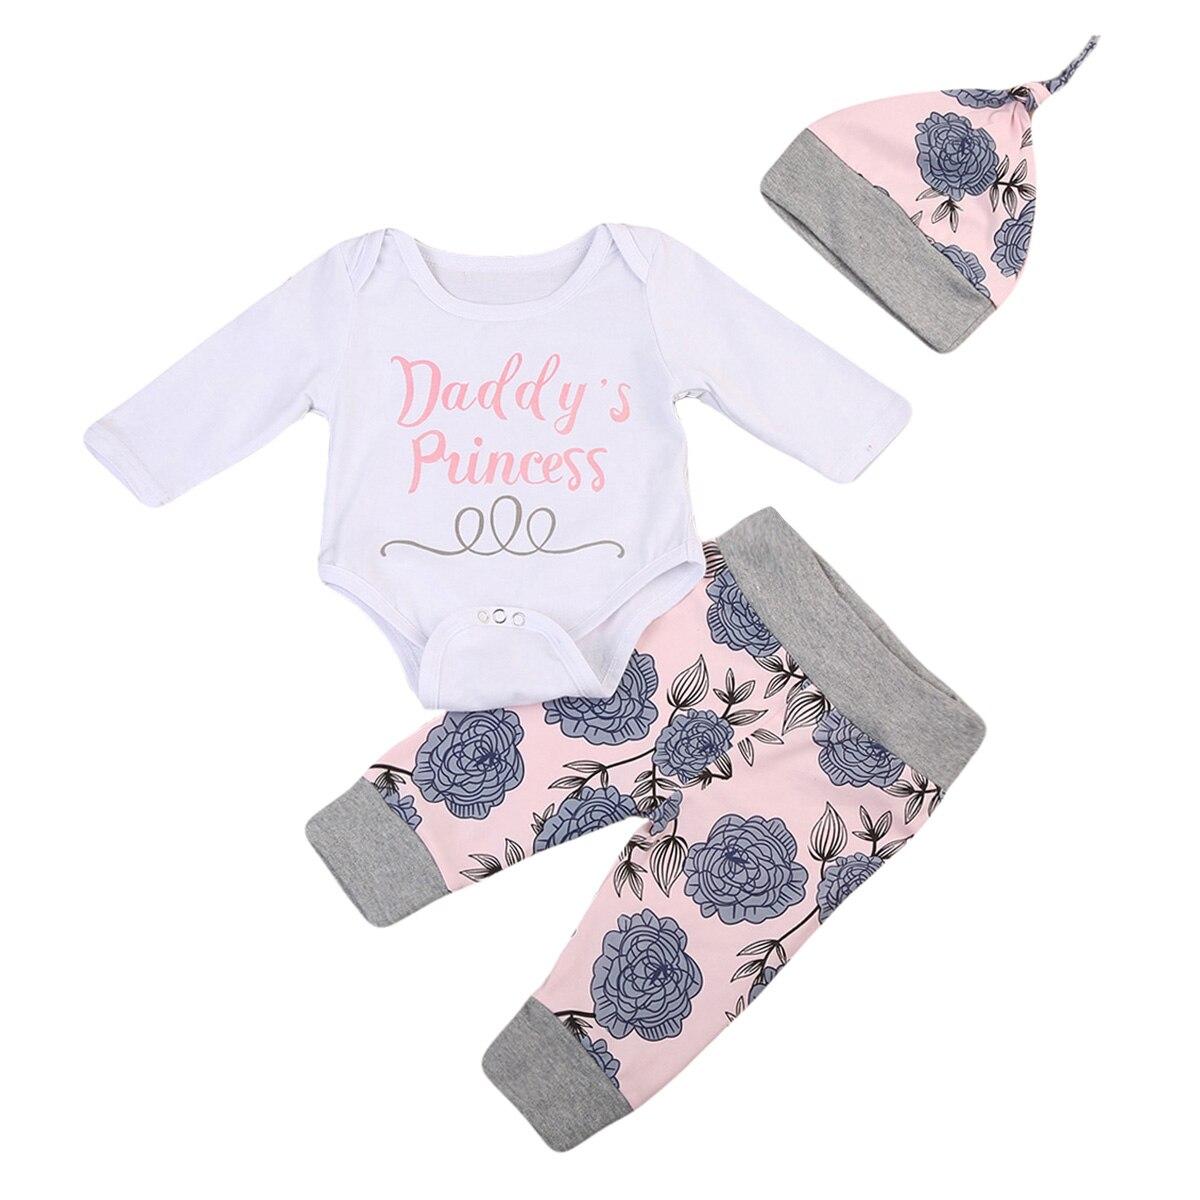 2018 HOT SALE Daddys Princess Letter Newborn Baby Girls 3PCS Clothes Sets Bodysuit+Flower Pants+Hat 0-24M